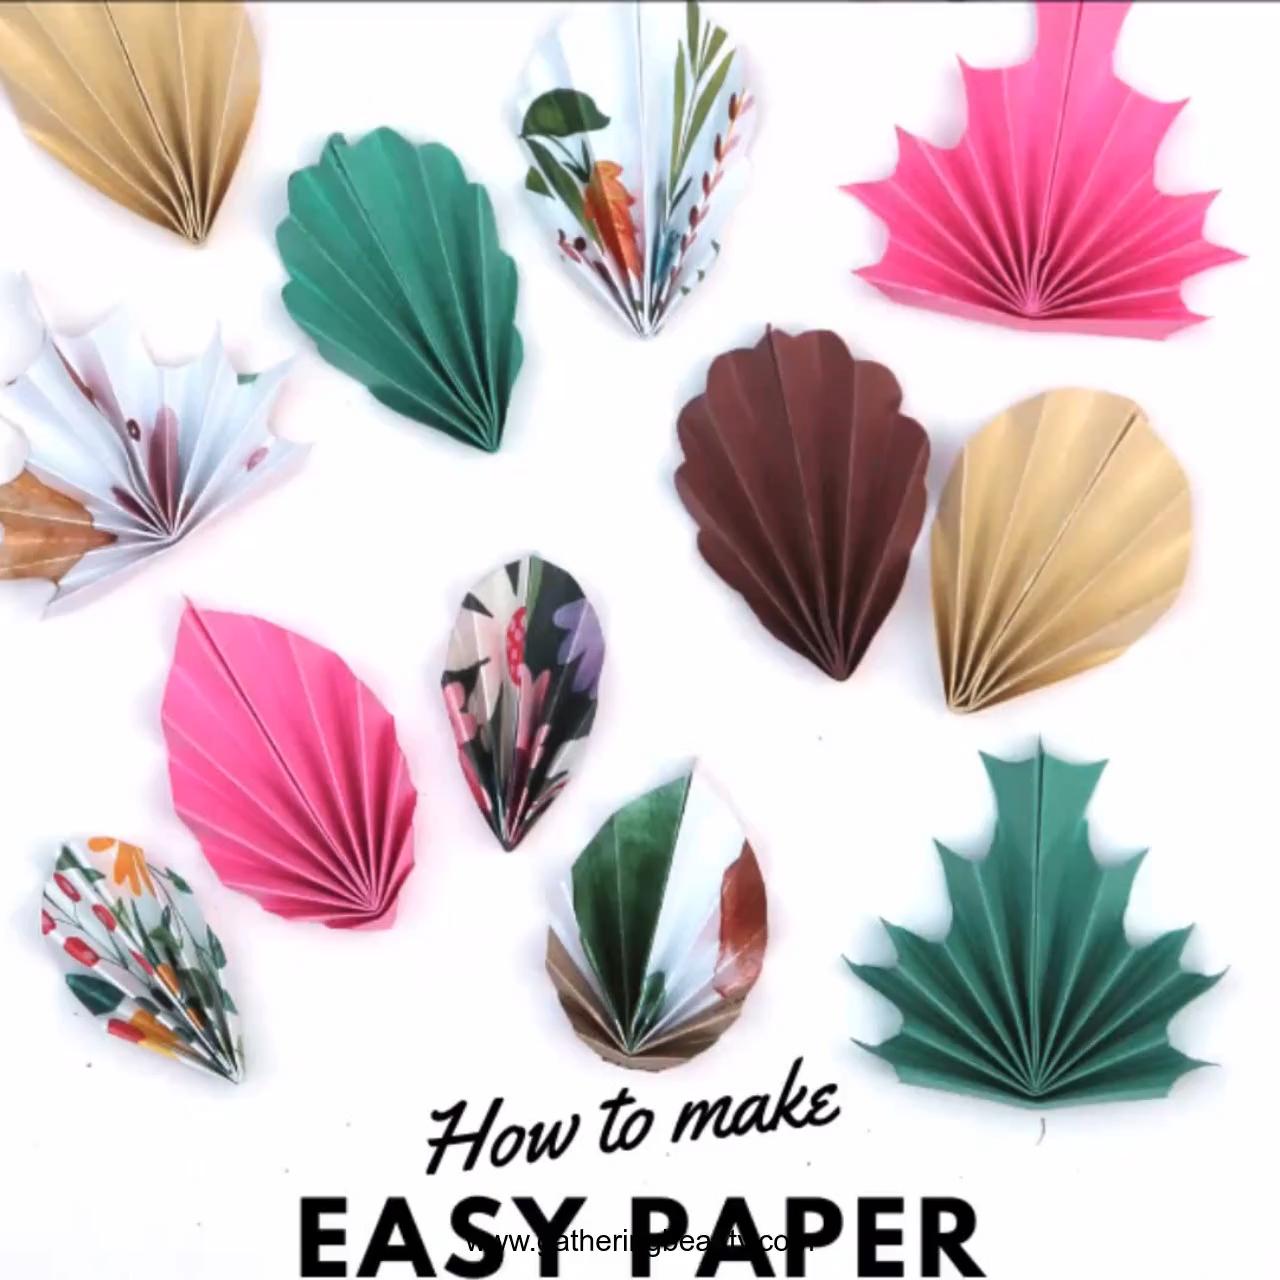 SO MACHEN SIE VIER EINFACHE DIY-PAPIERBLÄTTER - KOSTENLOS DRUCKBAR - DIY Papier Blog #craftprojects